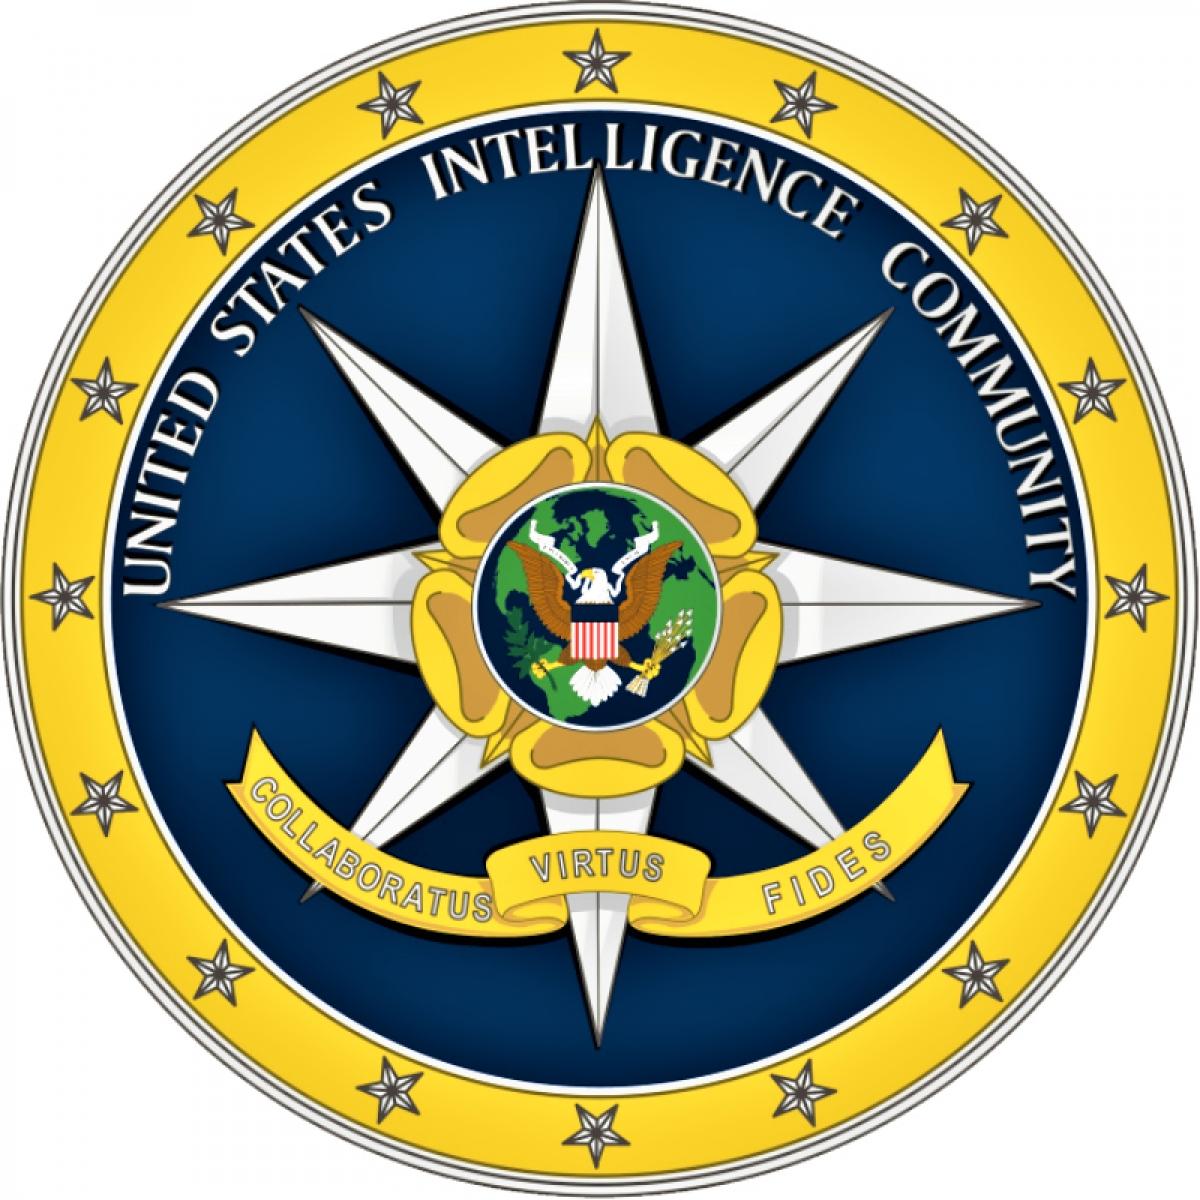 Cộng đồng Tình báo Mỹ gồm nhiều thành viên, hoạt động trong mọi lĩnh vực; Nguồn: wikipedia.org